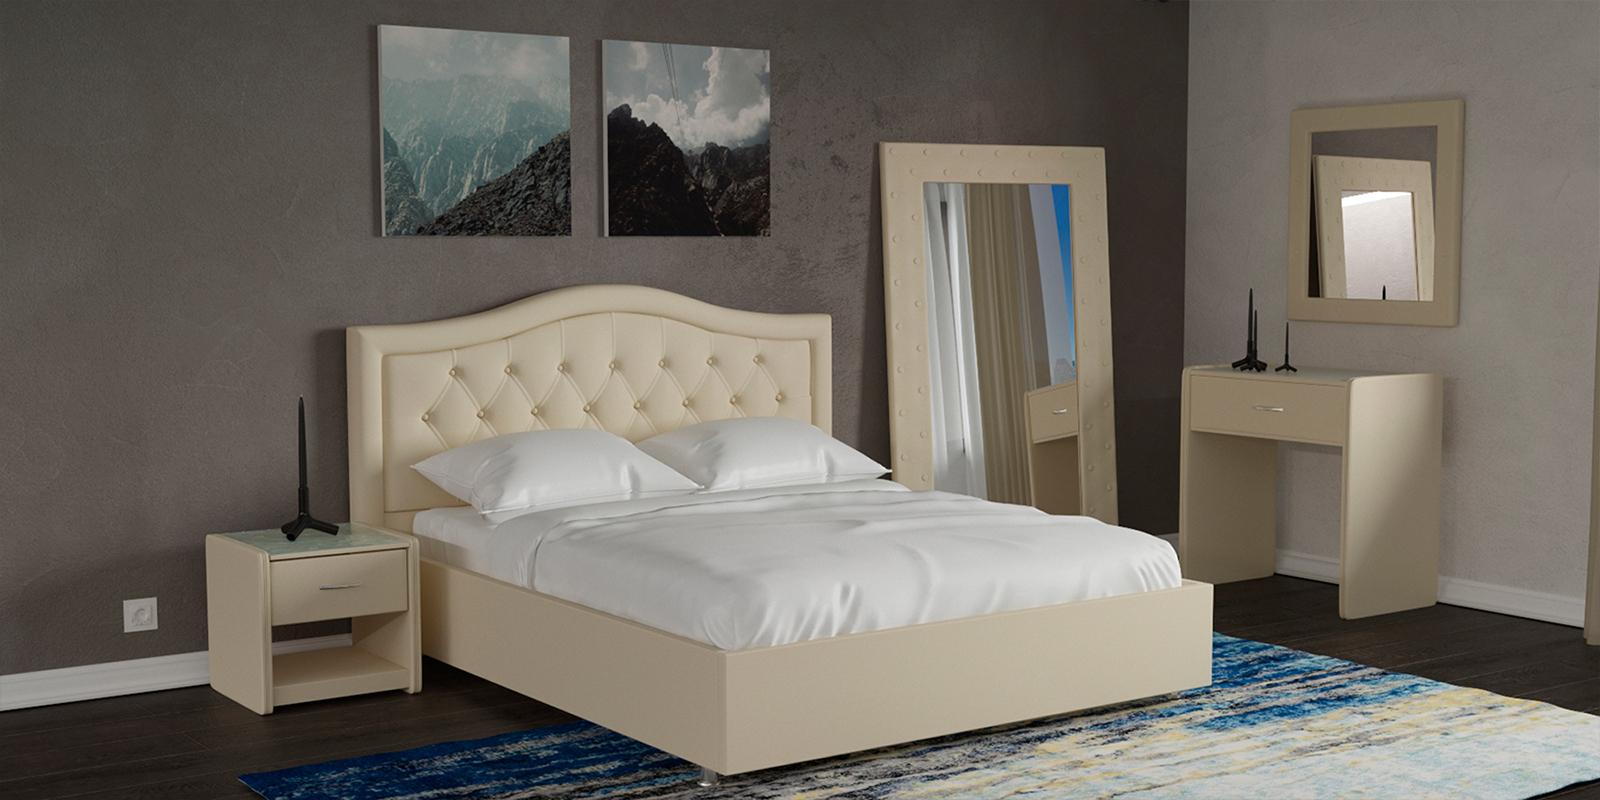 Мягкая кровать 200х160 Малибу вариант №9 с подъемным механизмом (Бежевый) Малибу